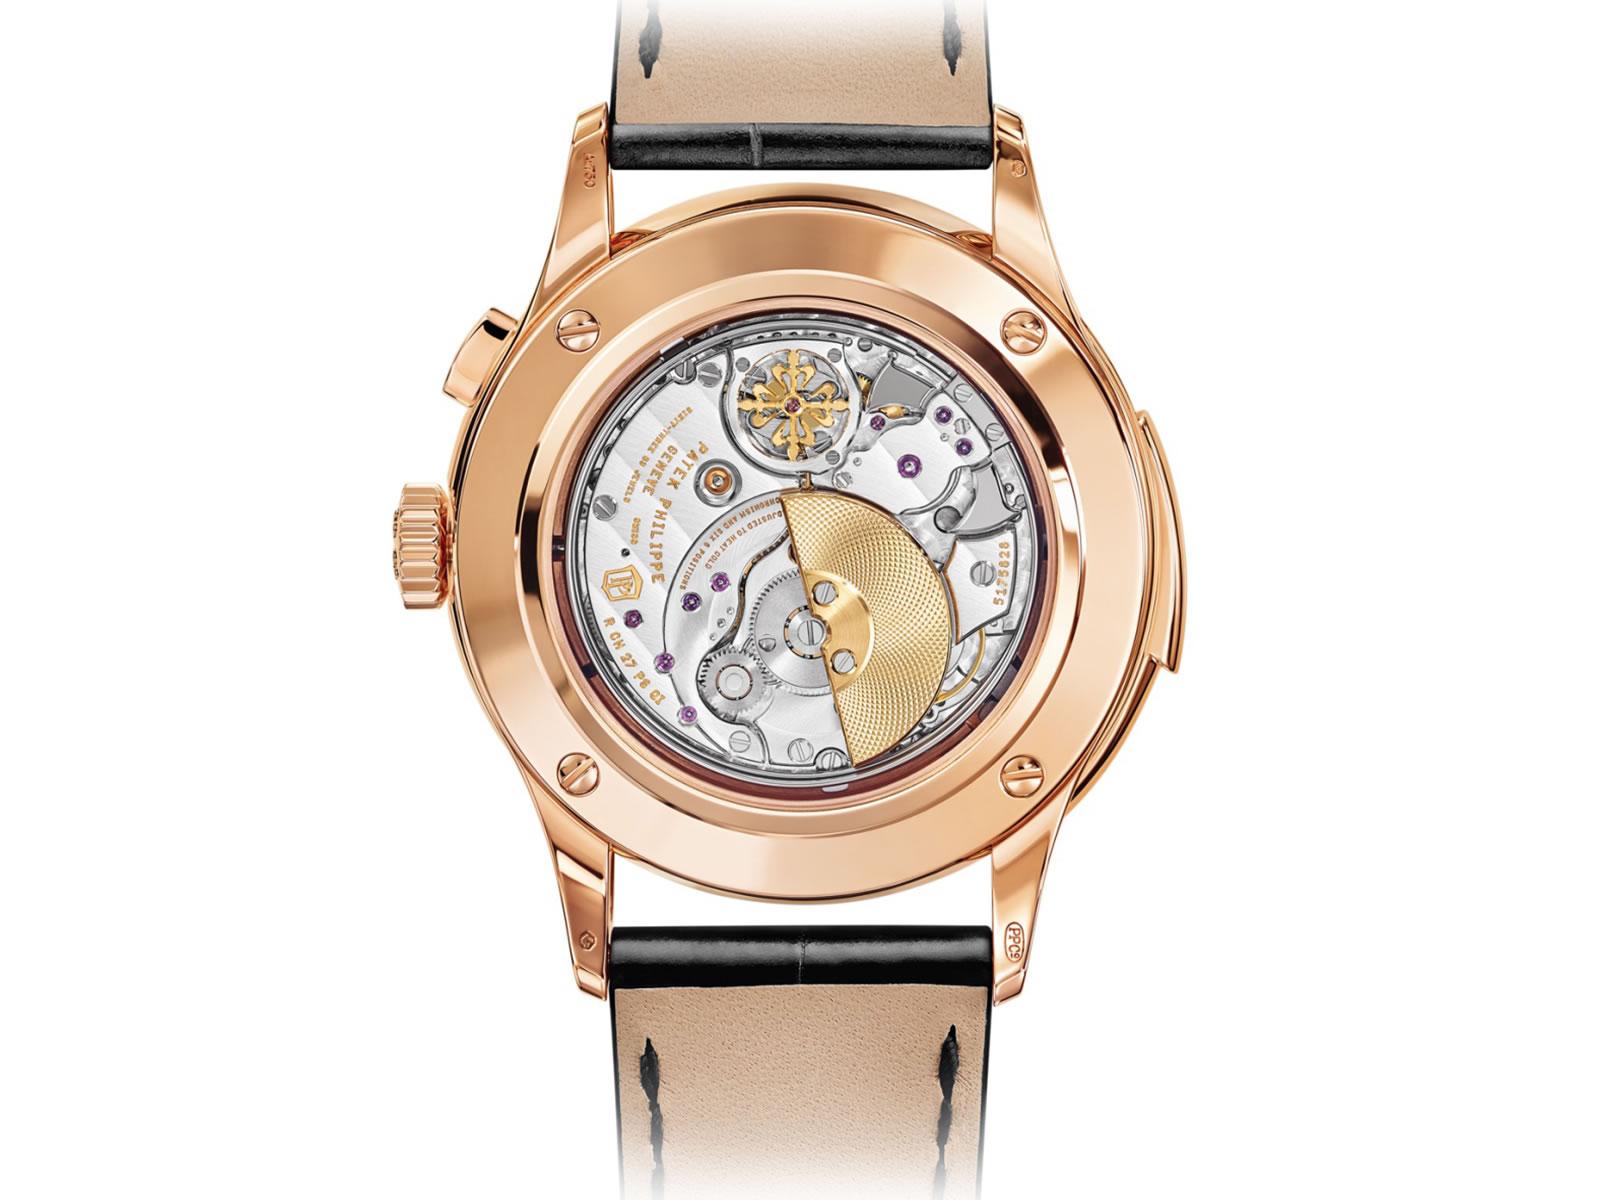 5208r-patek-philippe-minute-repeater-chronograph-perpetual-calendar-4-.jpg